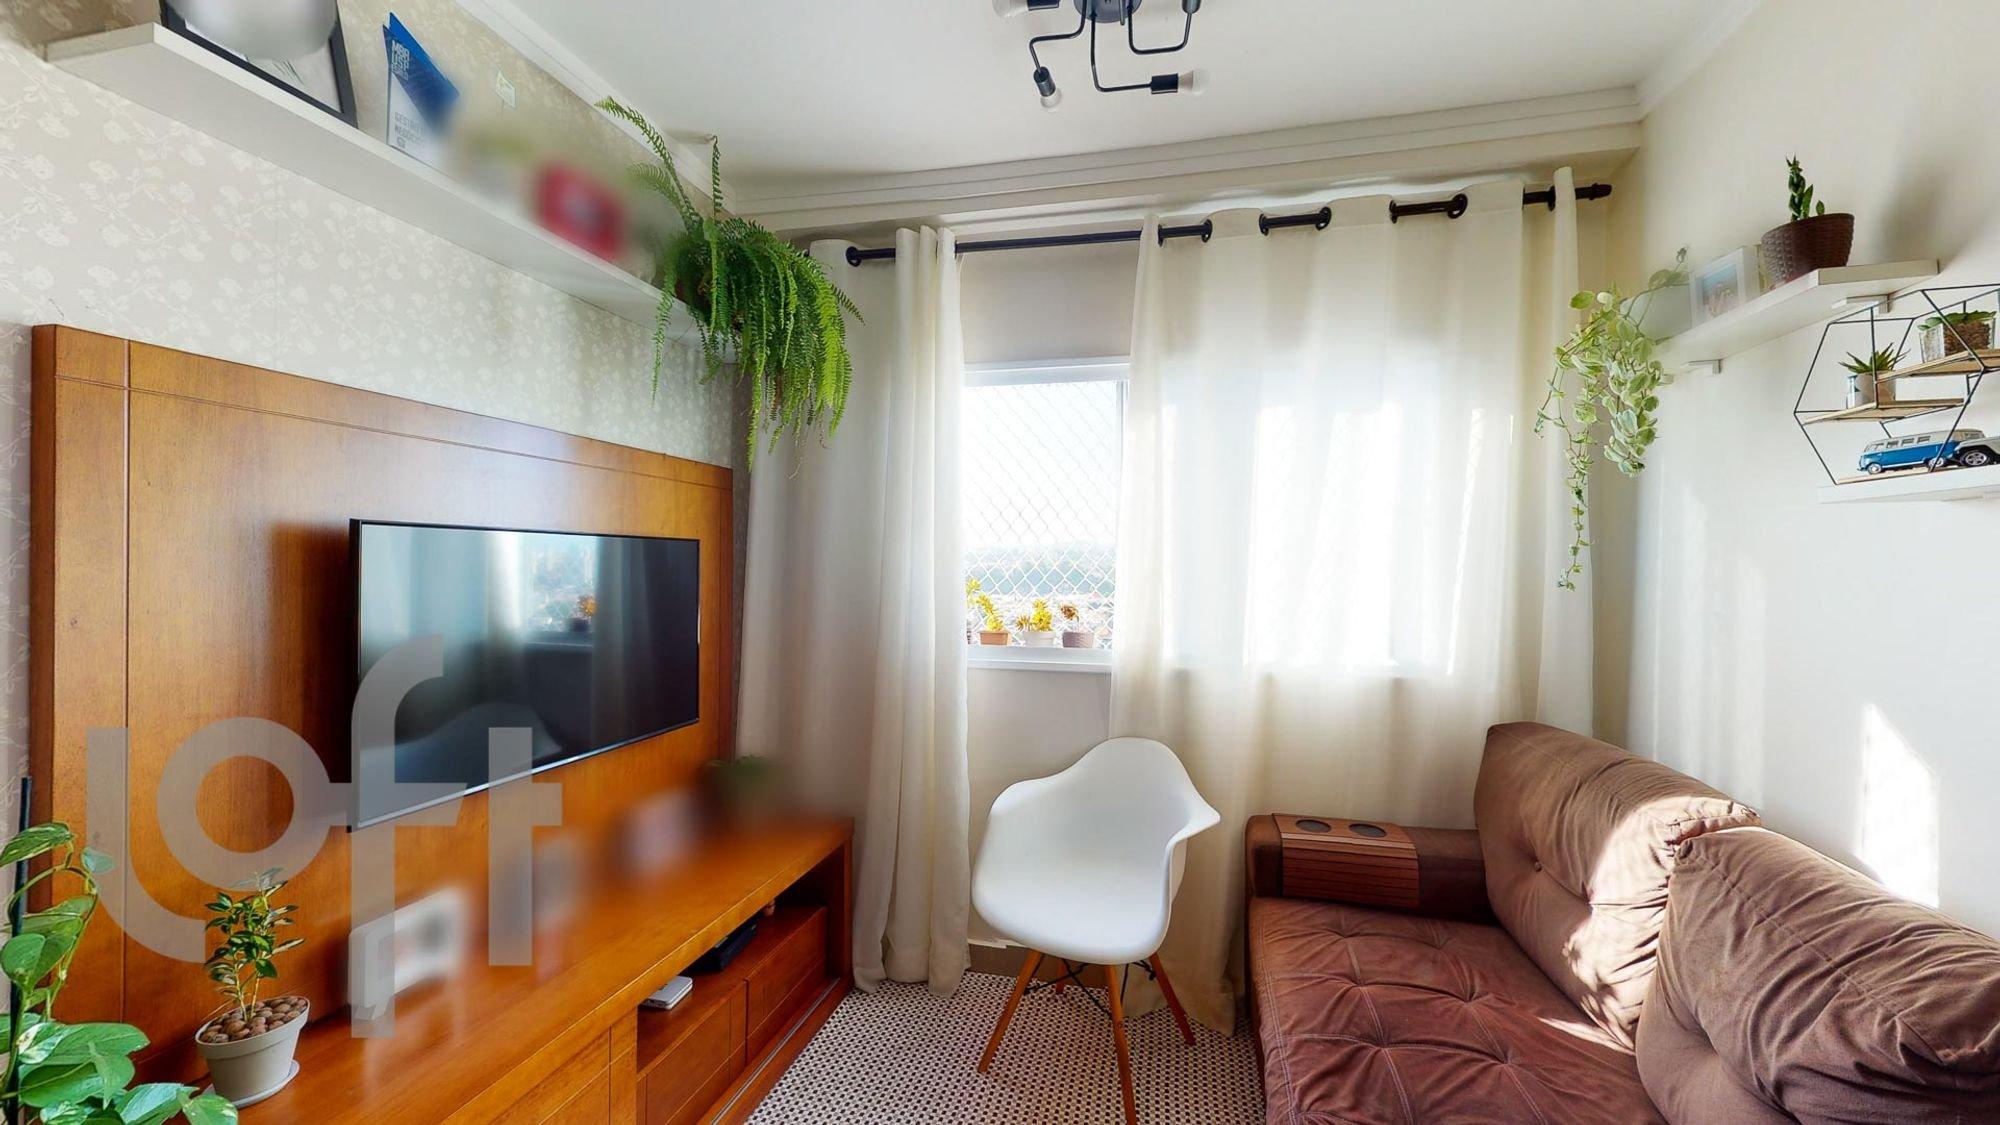 Foto de Sala com cama, vaso de planta, televisão, cadeira